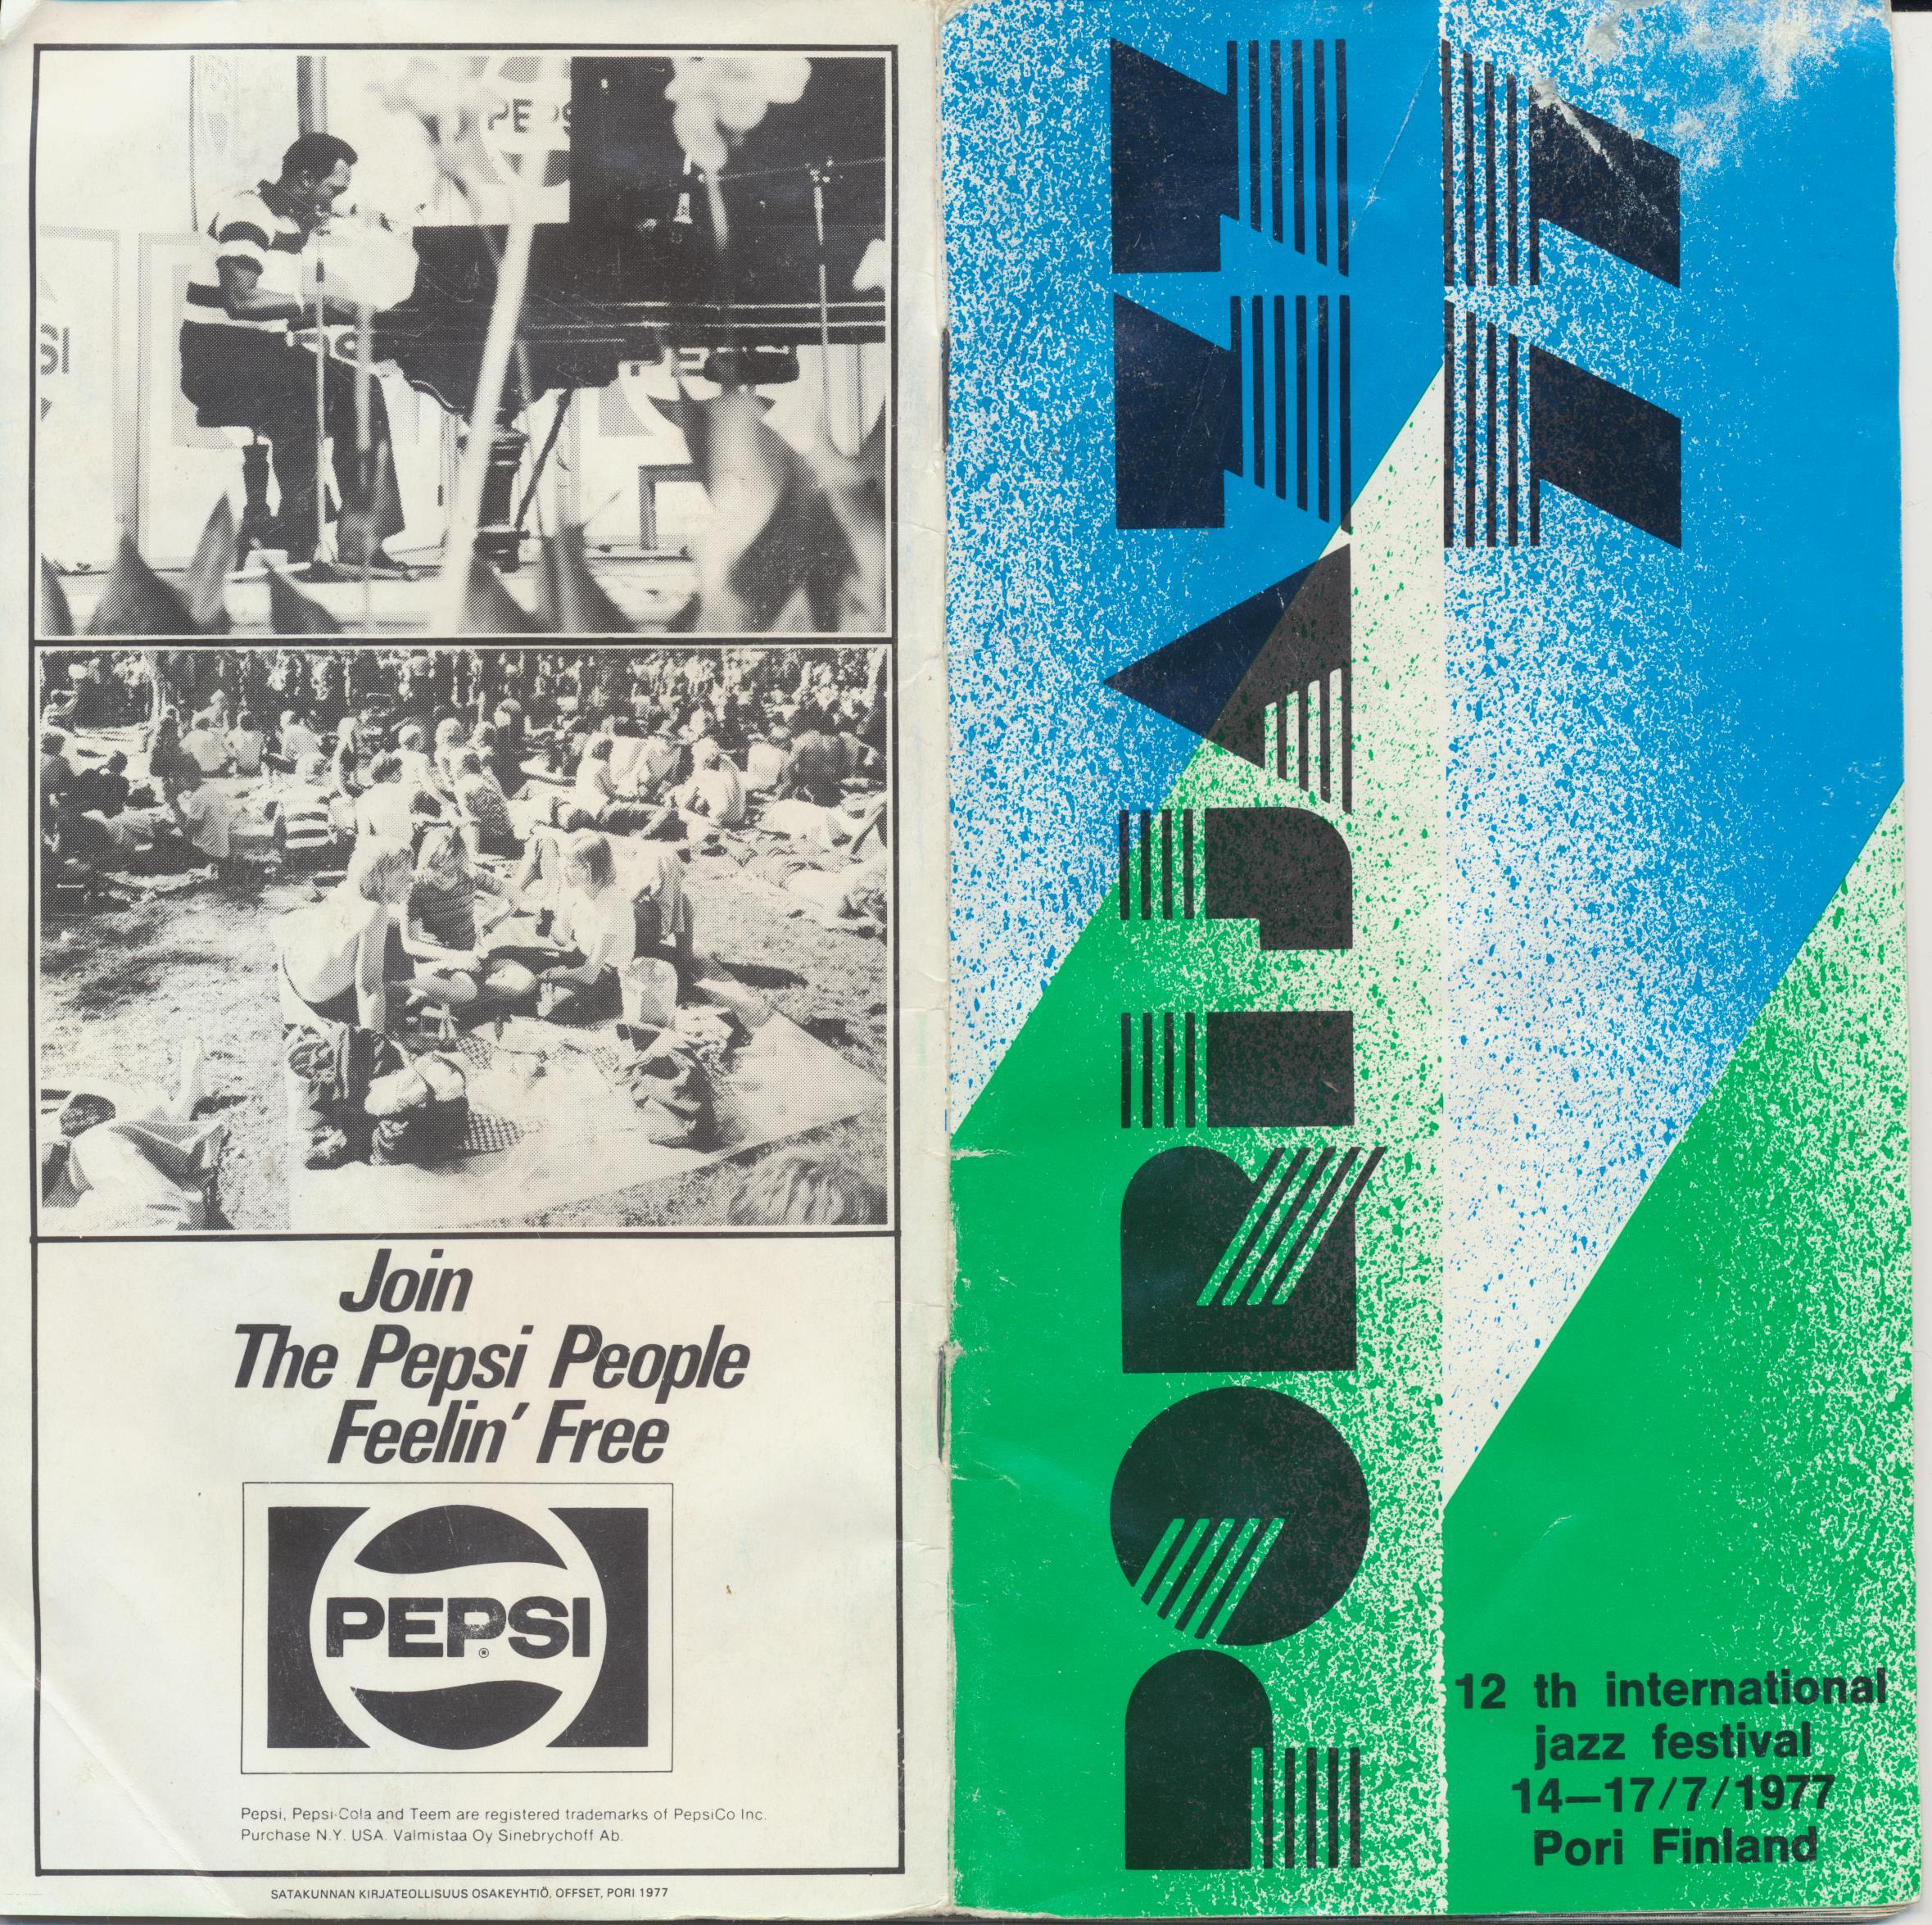 Sateinen jazzkesä 1977 - Kerro Museolle